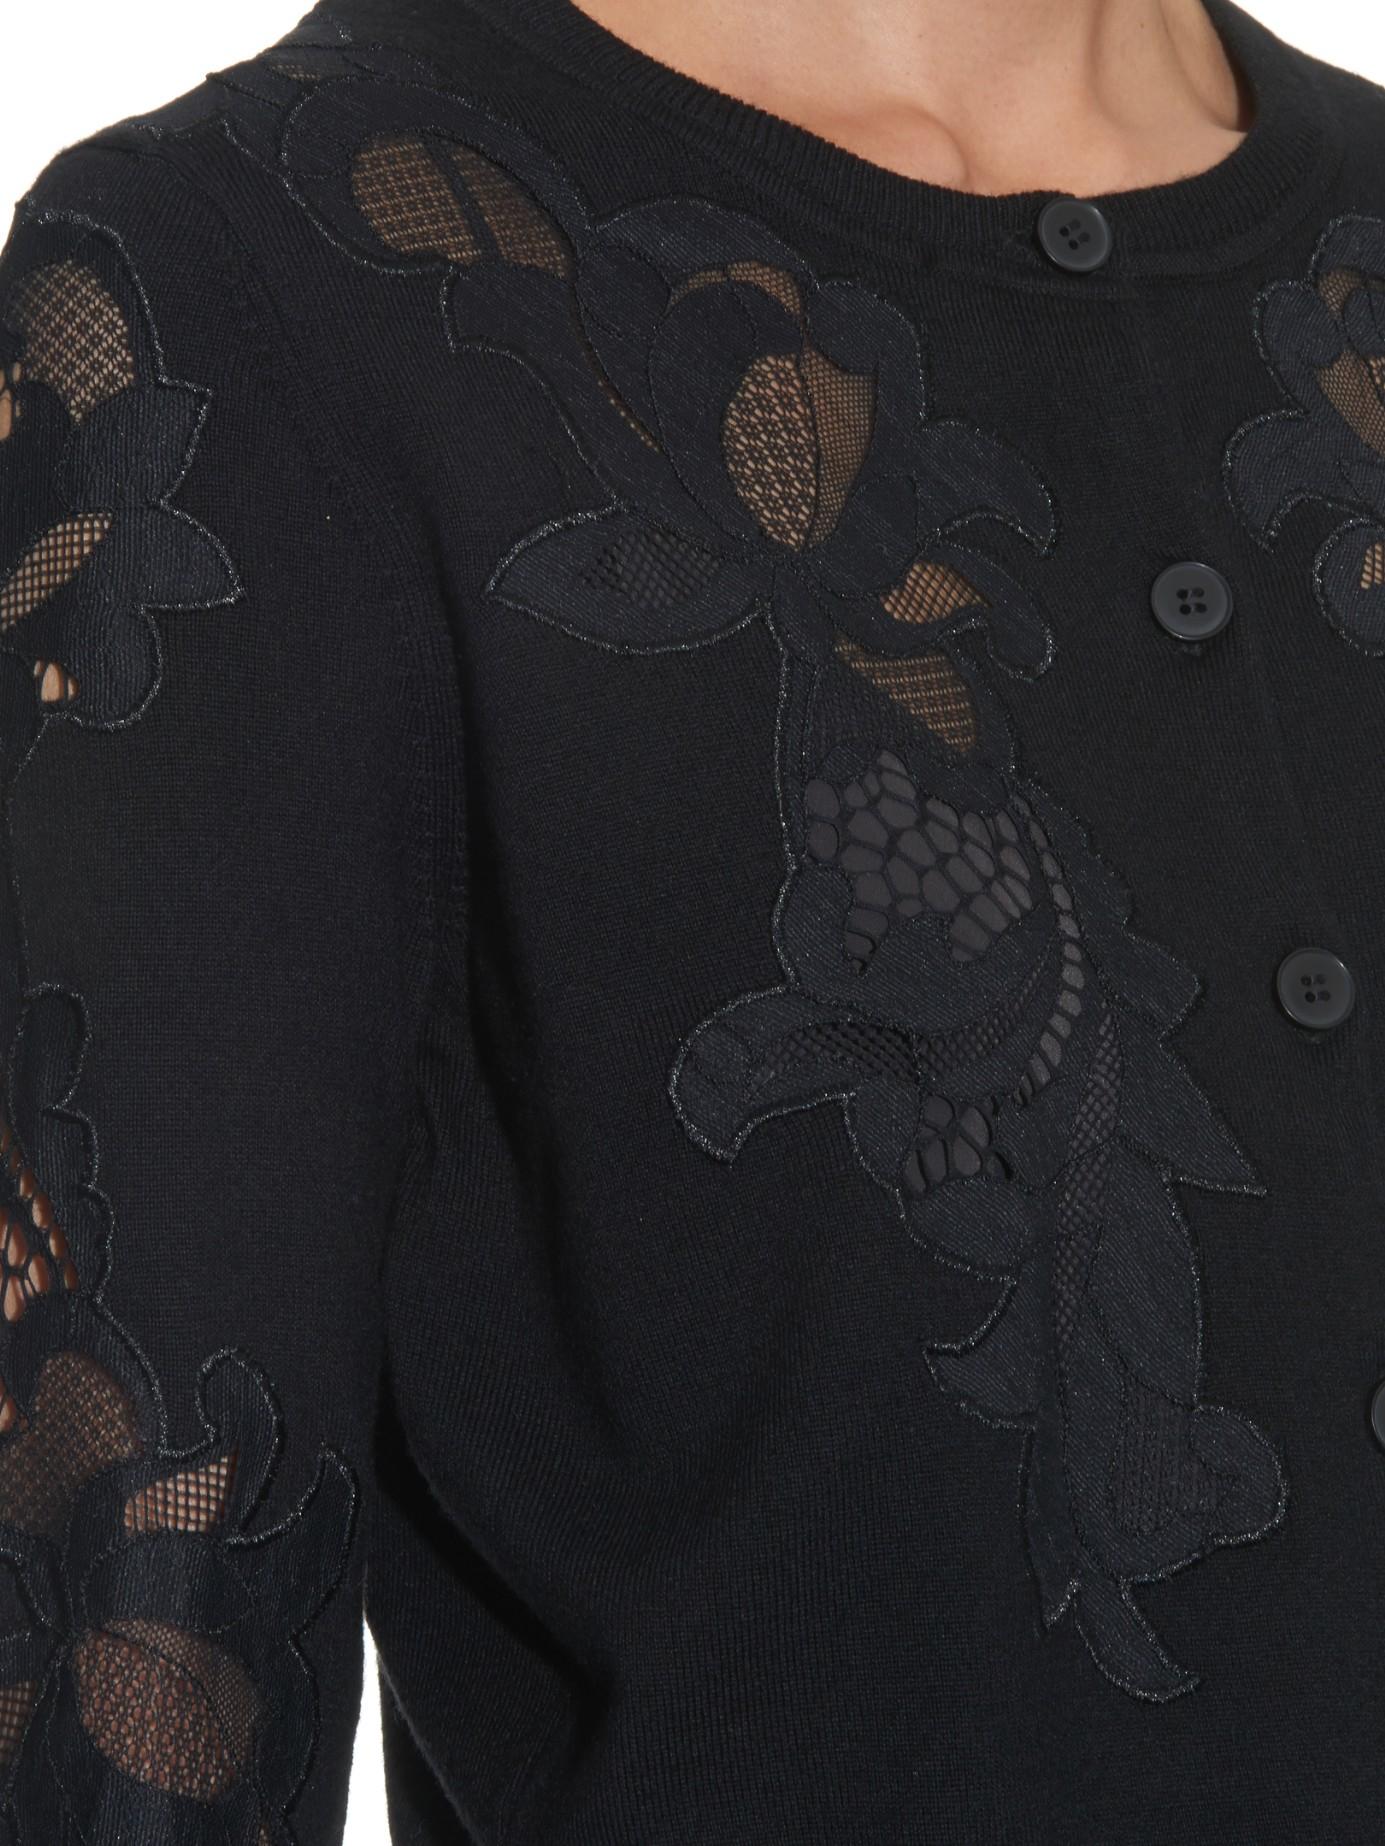 Diane von furstenberg Cooper Cardigan in Black | Lyst